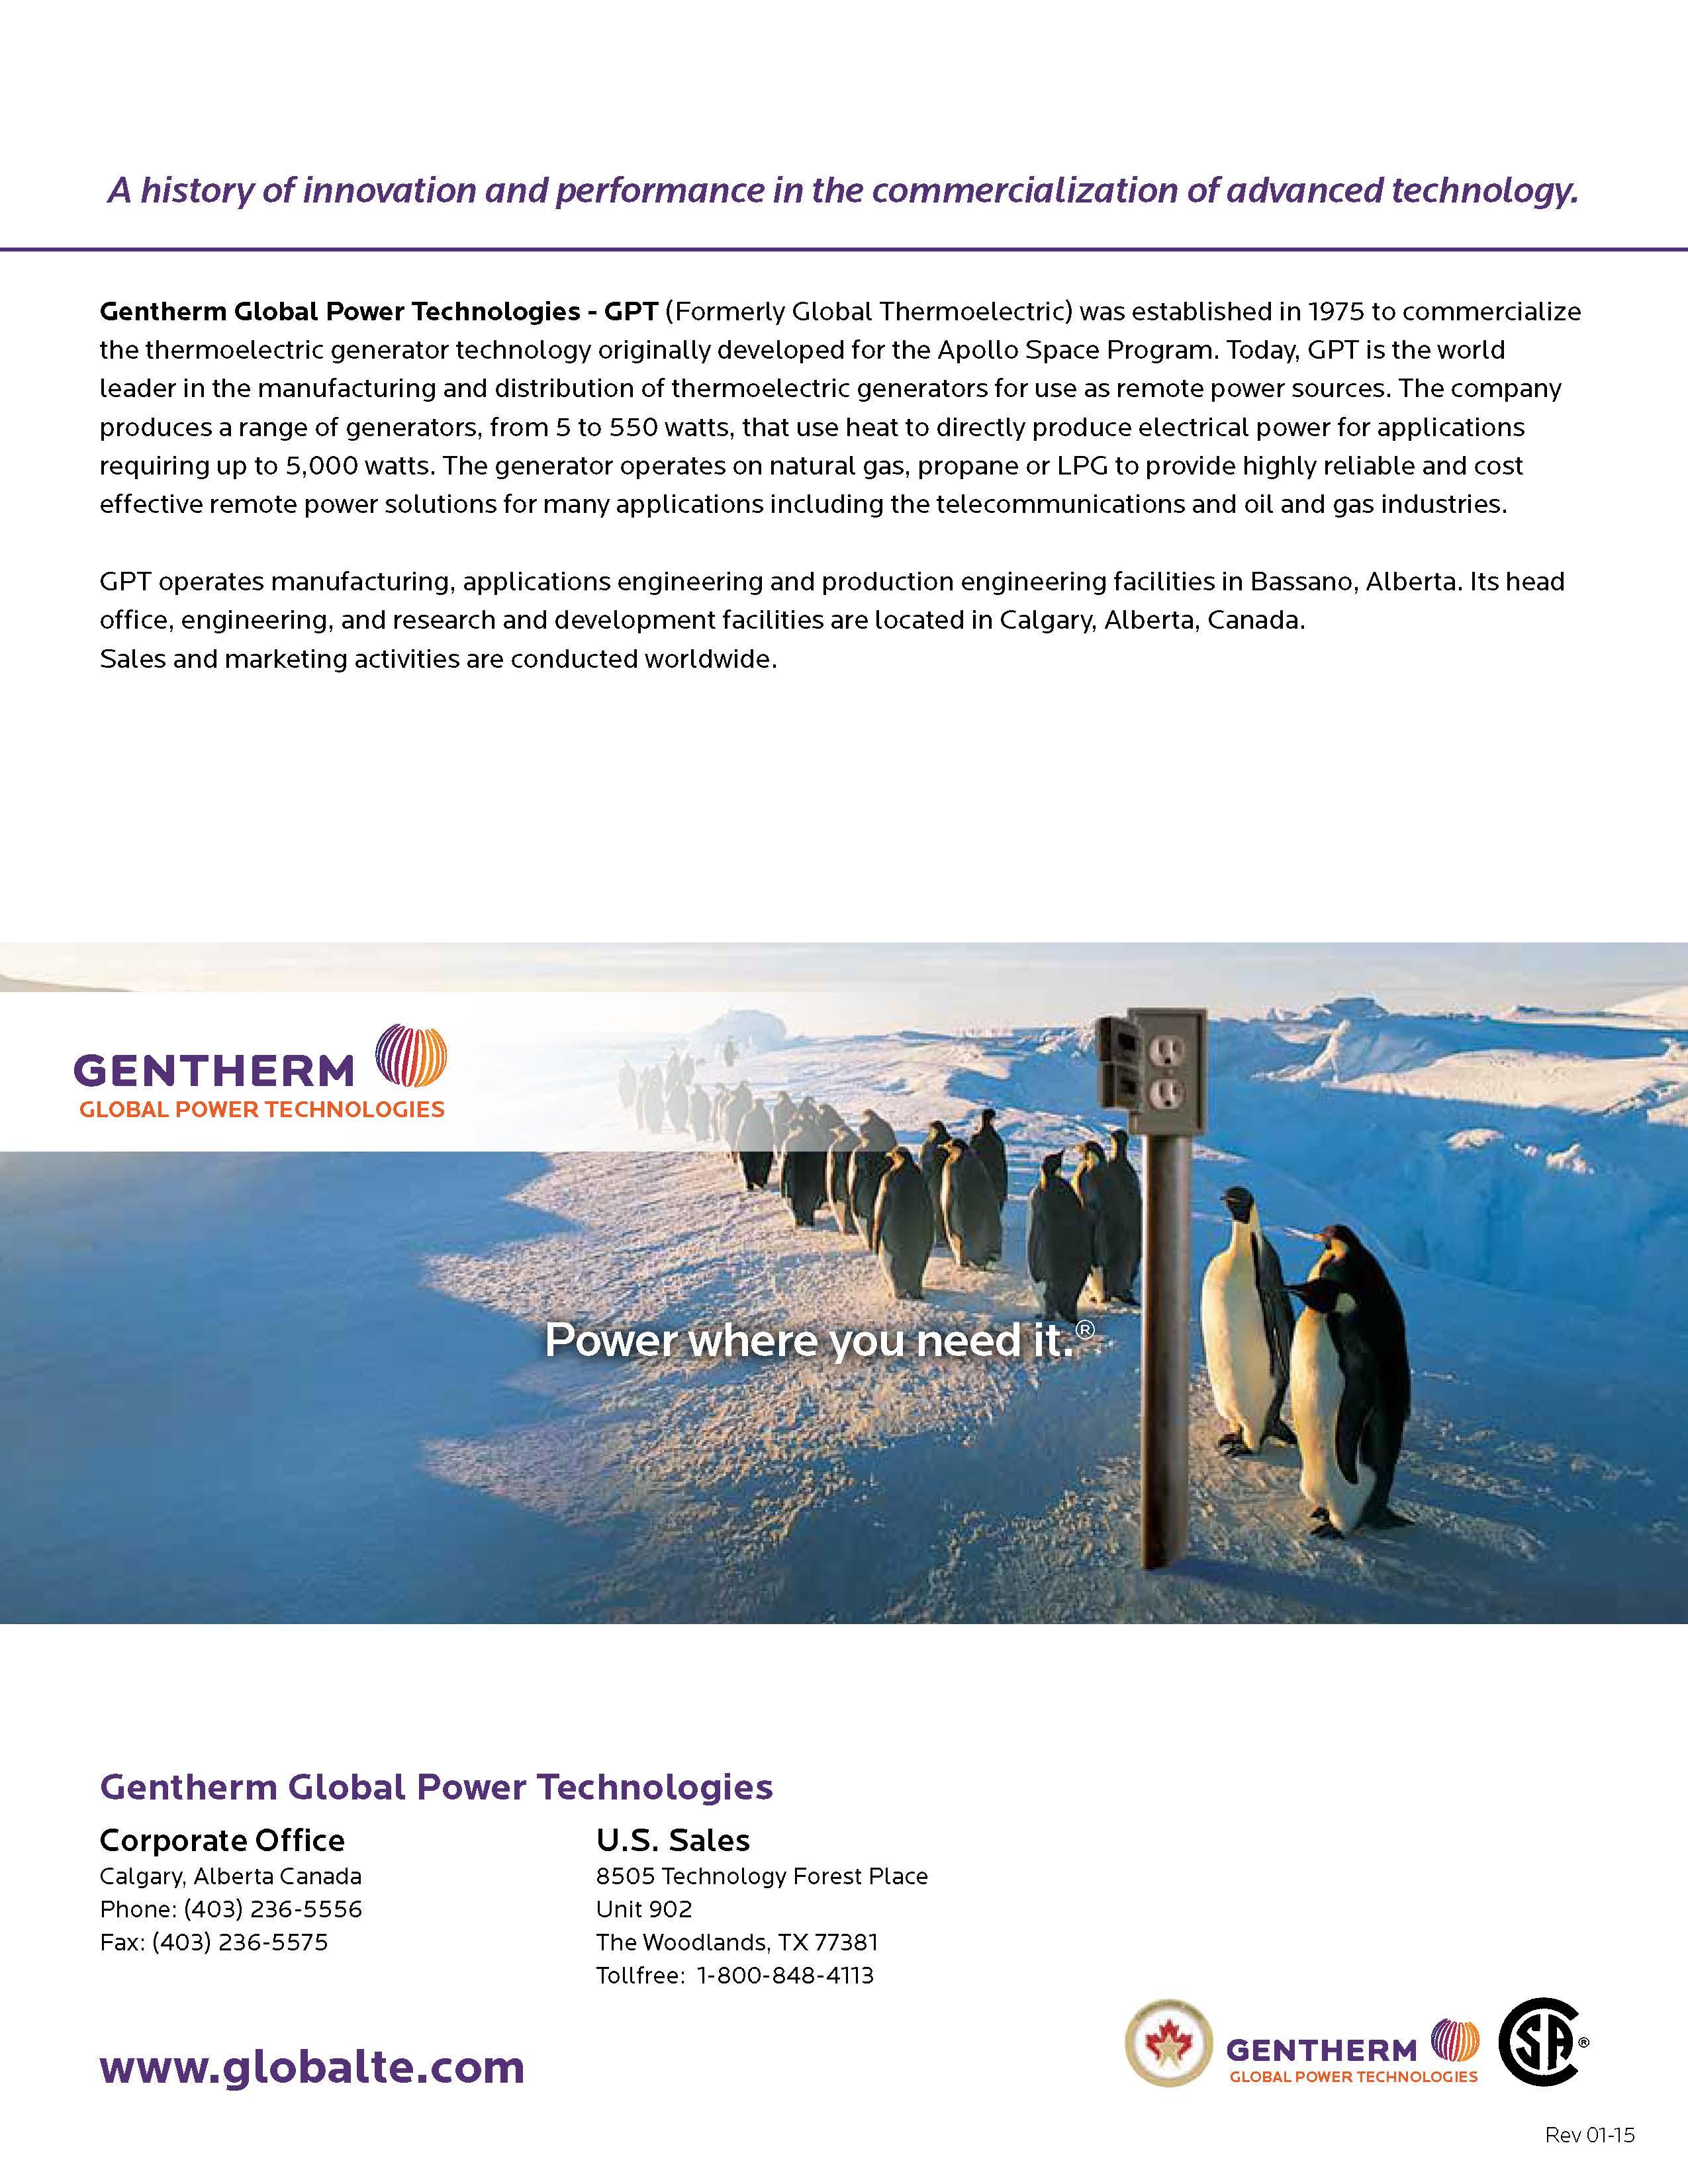 gentherm_08